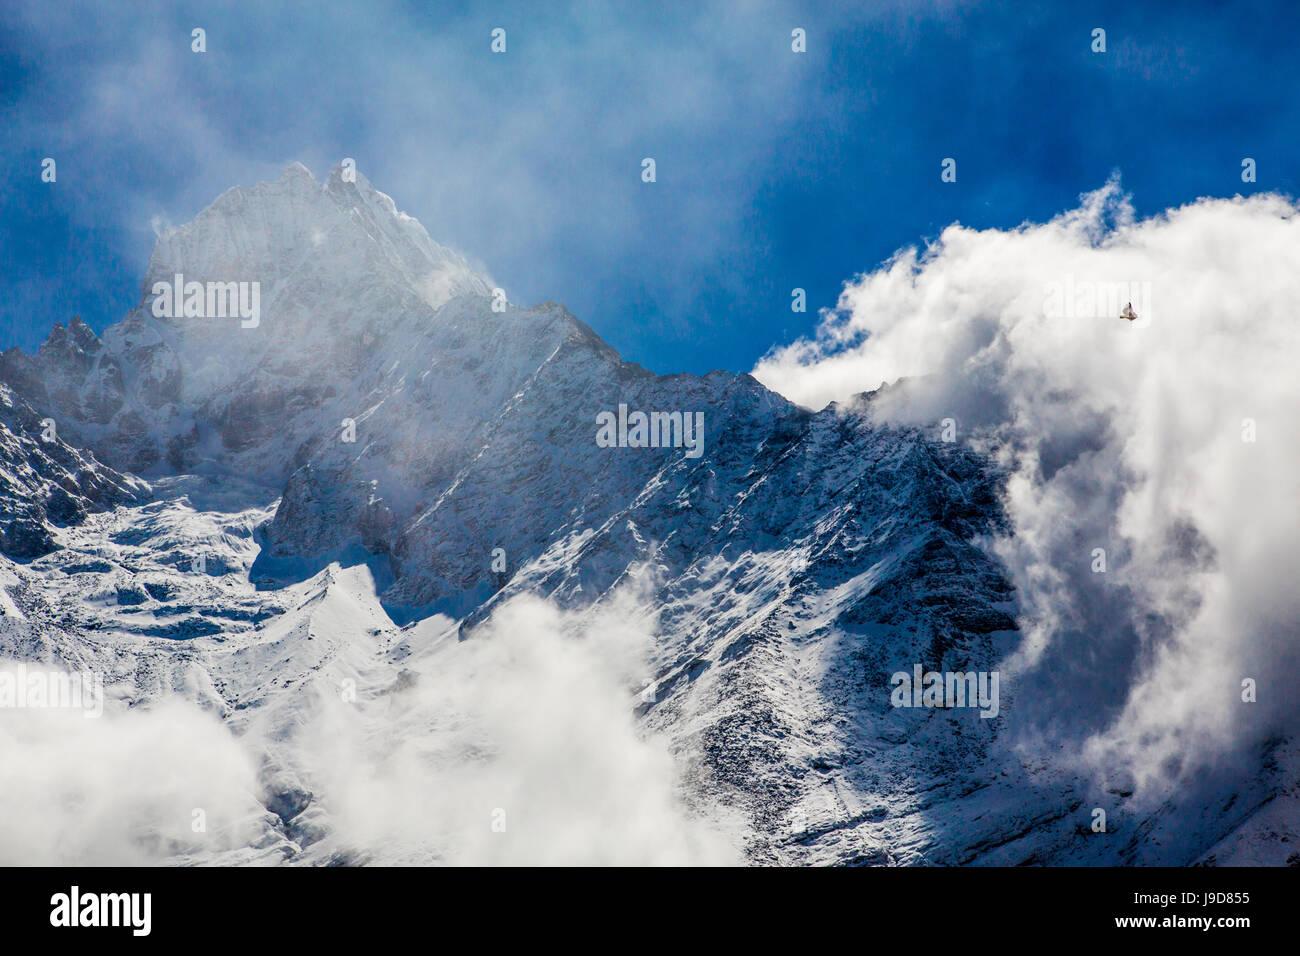 Peak of Mount Everest, Sagarmatha National Park, UNESCO World Heritage Site, Himalayas, Nepal, Asia - Stock Image